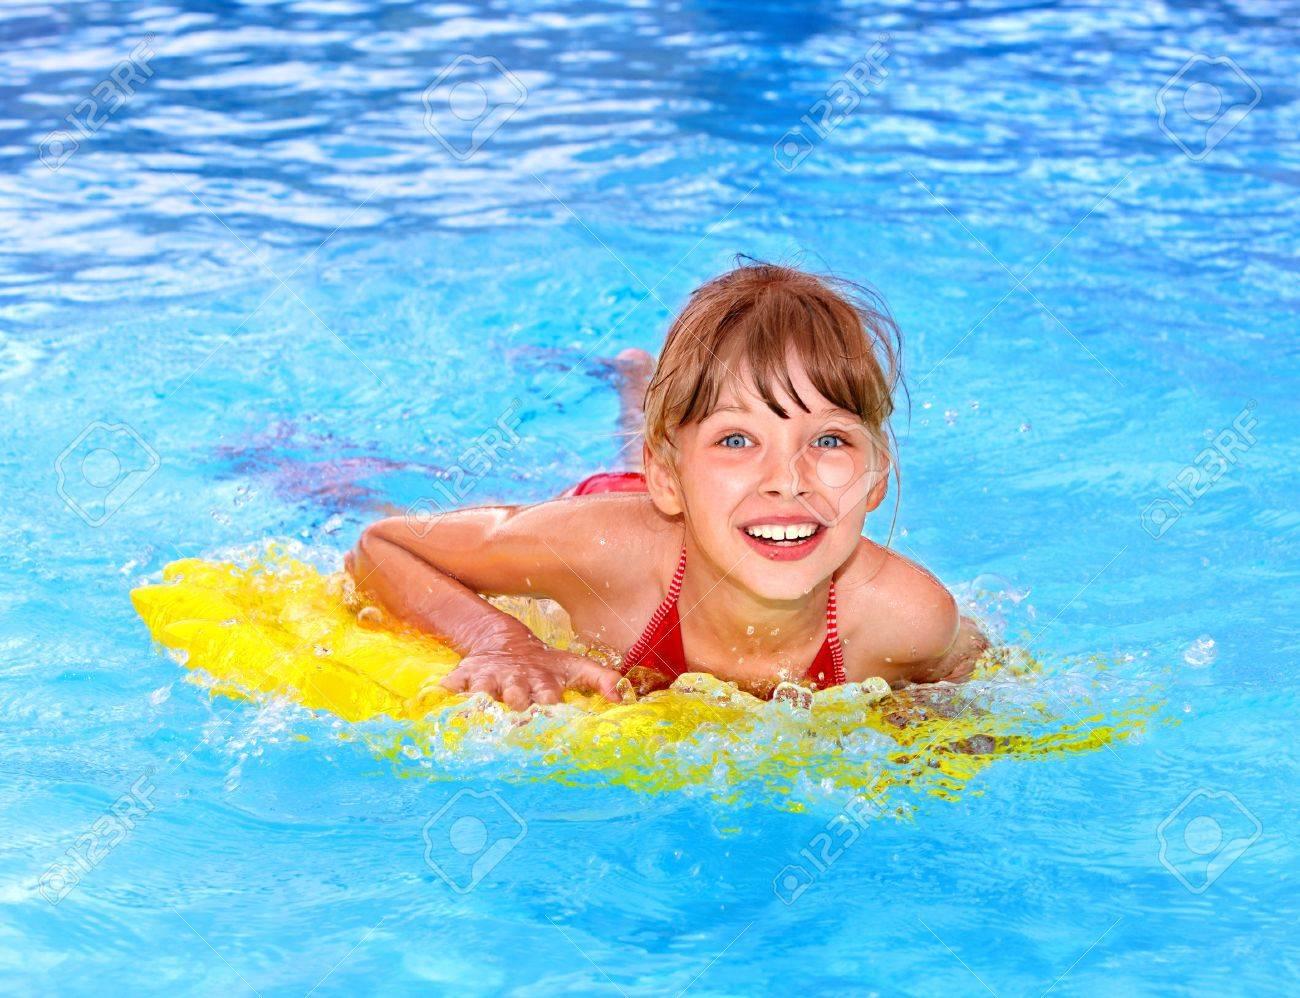 Ролики о курьезных случаях сдевушками в плавательном бассейне смотреть онлайн3333666555222 20 фотография